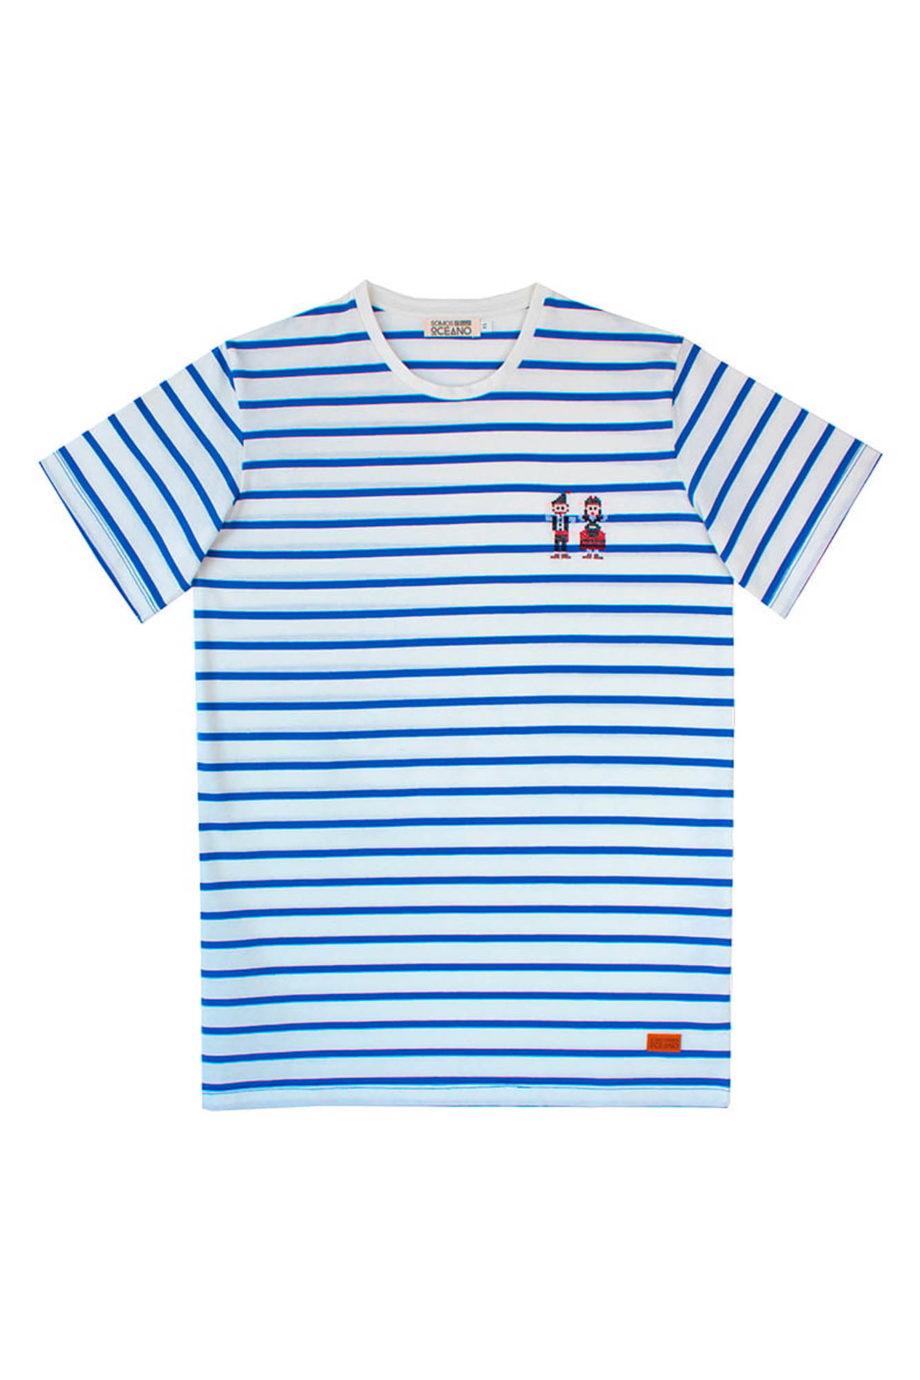 somosoceano-camiseta-hombre-galegos